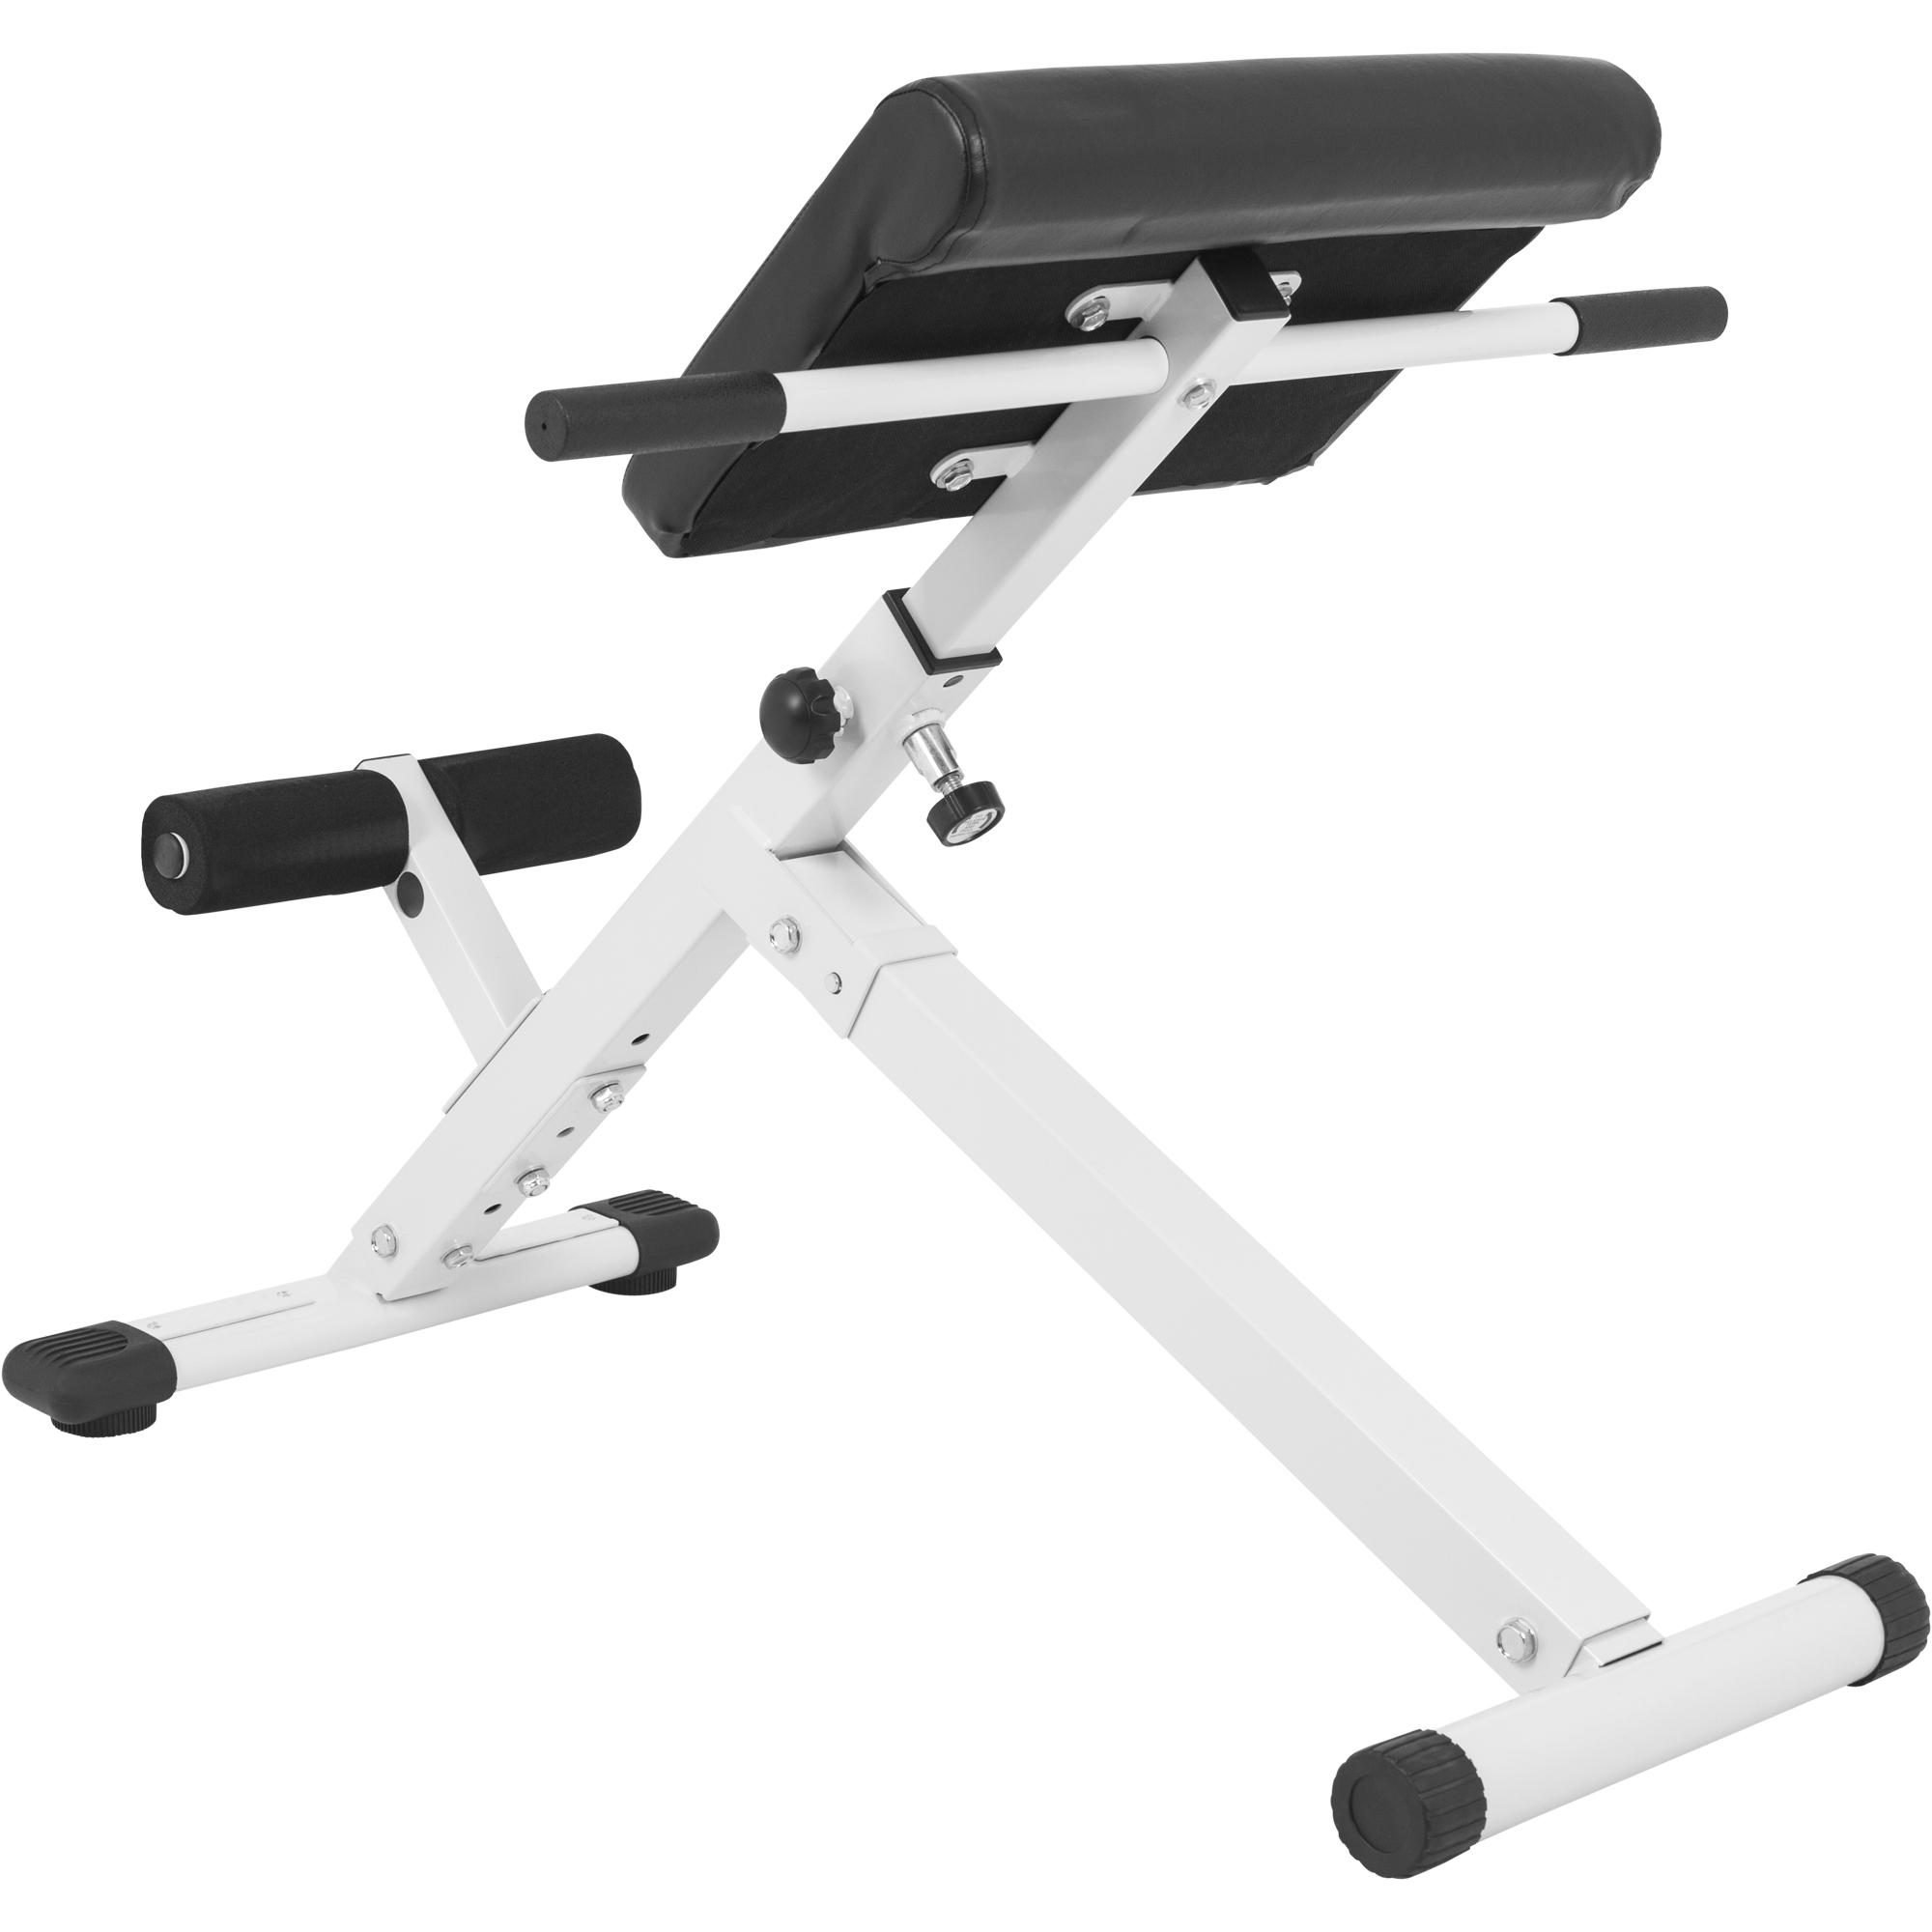 gorilla sports appareil de musculation pliable pour le dos noir ou blanc ebay. Black Bedroom Furniture Sets. Home Design Ideas